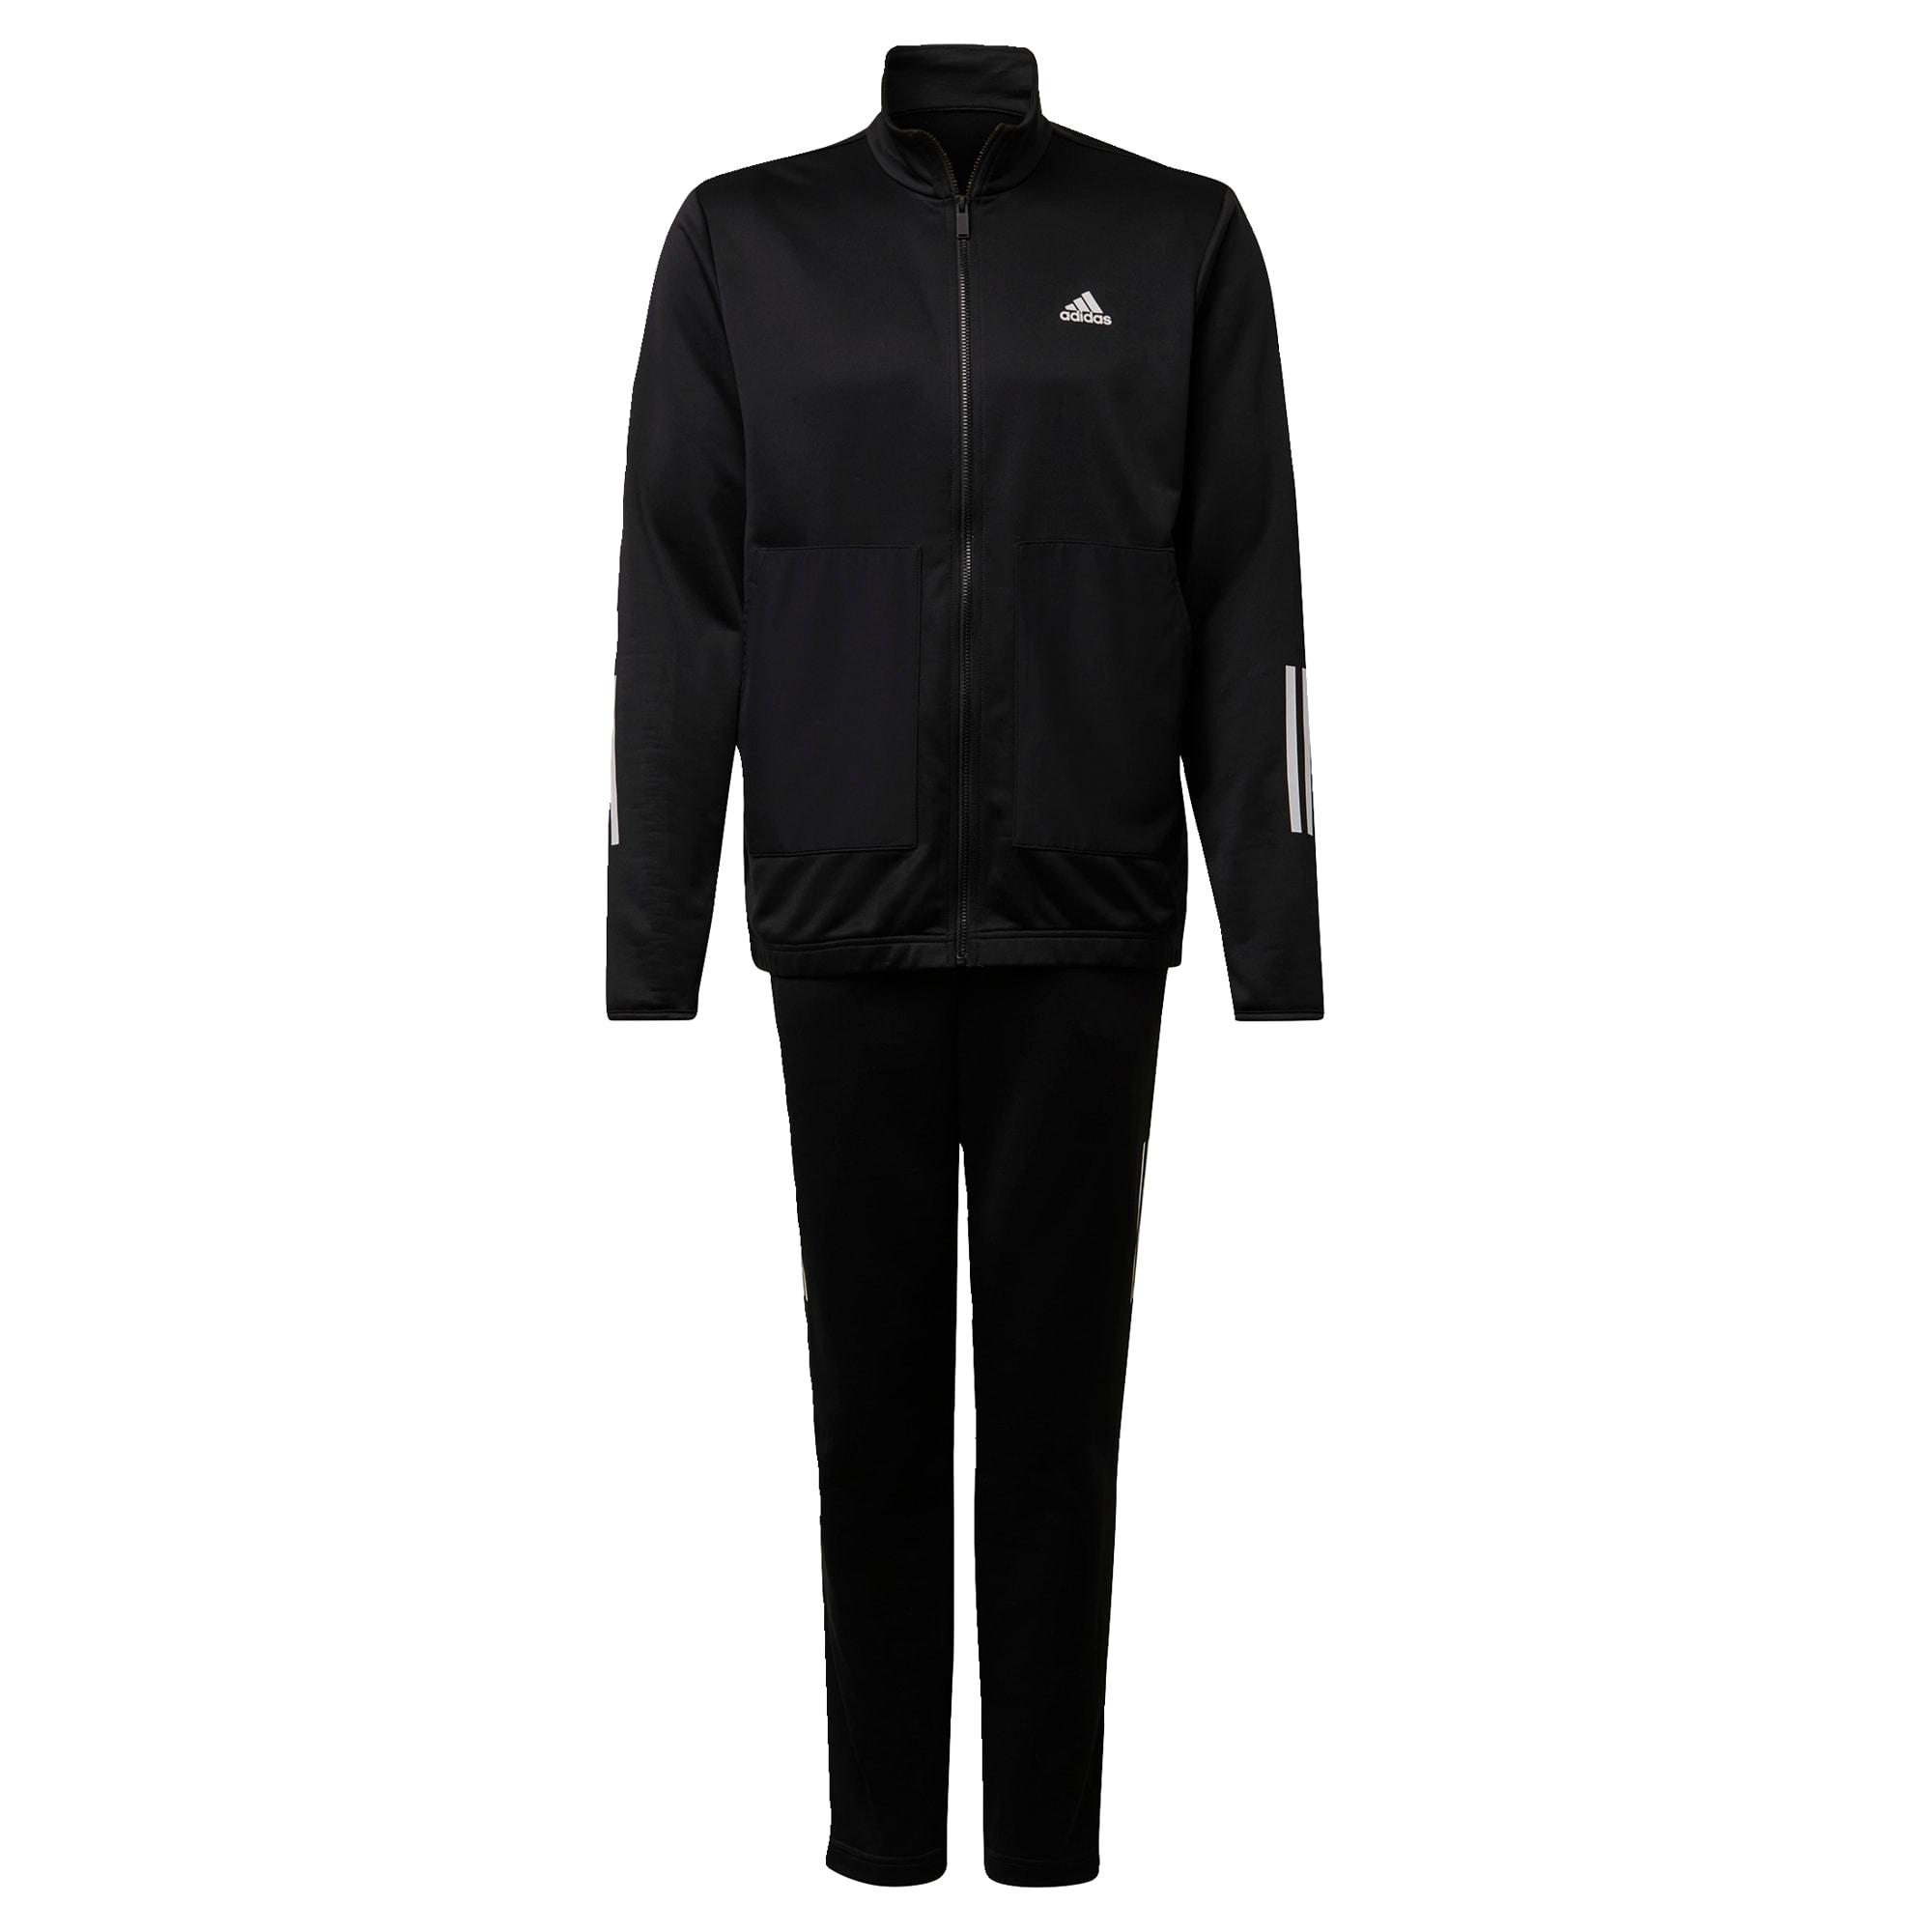 ADIDAS PERFORMANCE Treniruočių kostiumas juoda